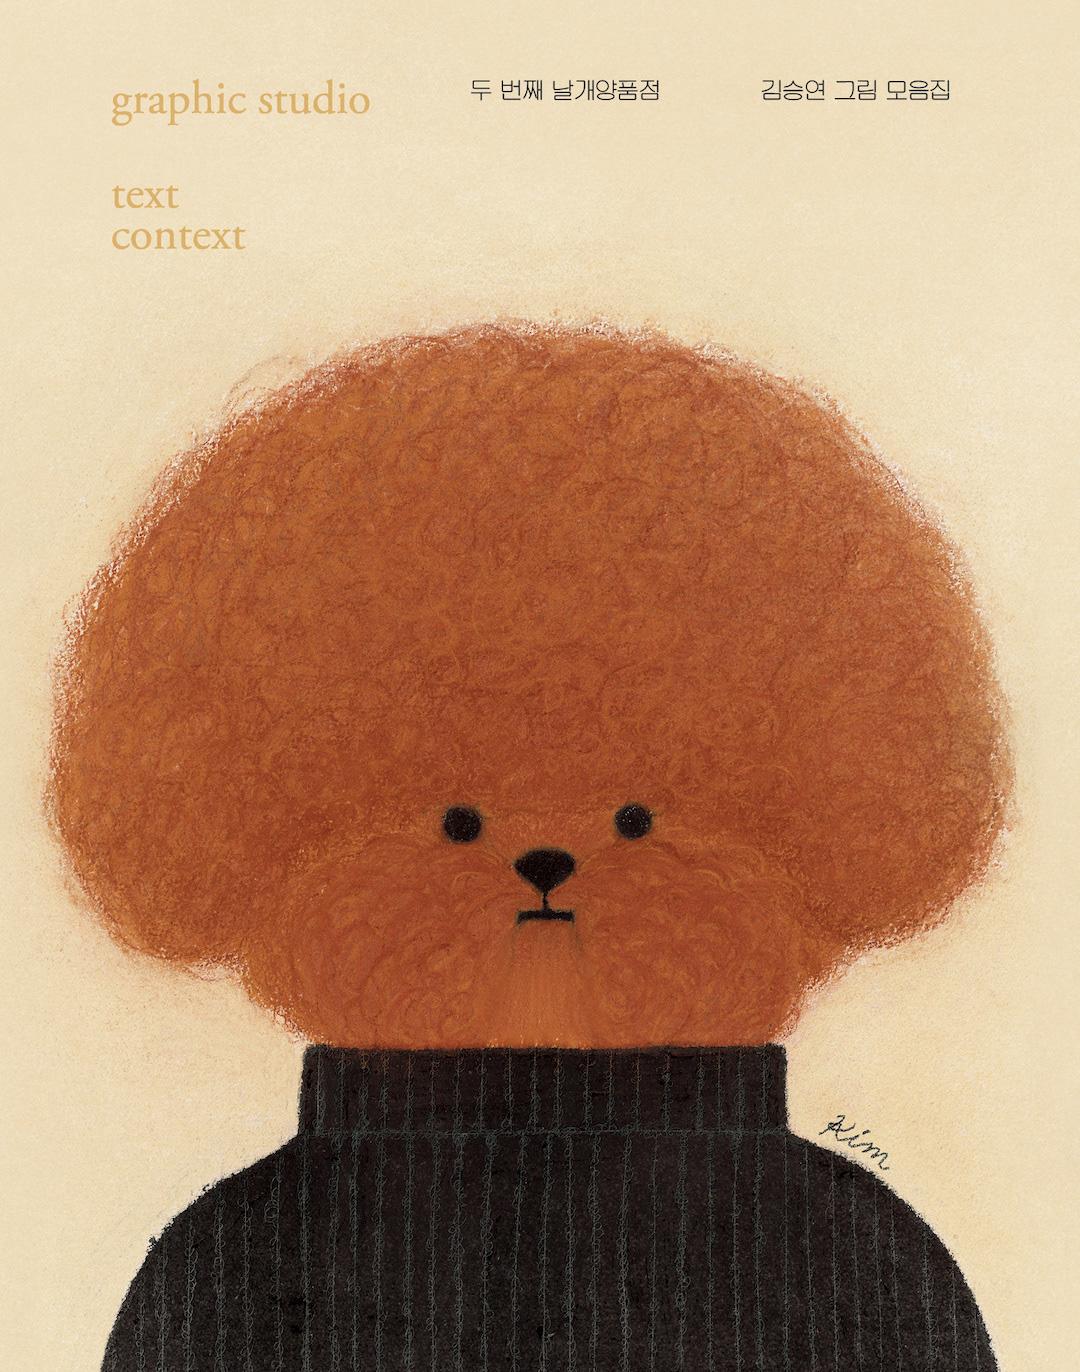 نگاهی بر تصویرسازی های Seungyoun Kim